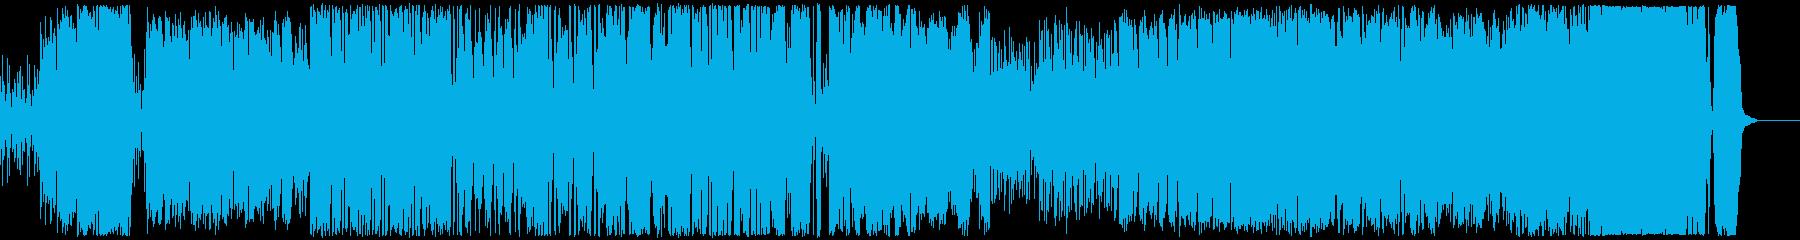 Big Bandの再生済みの波形